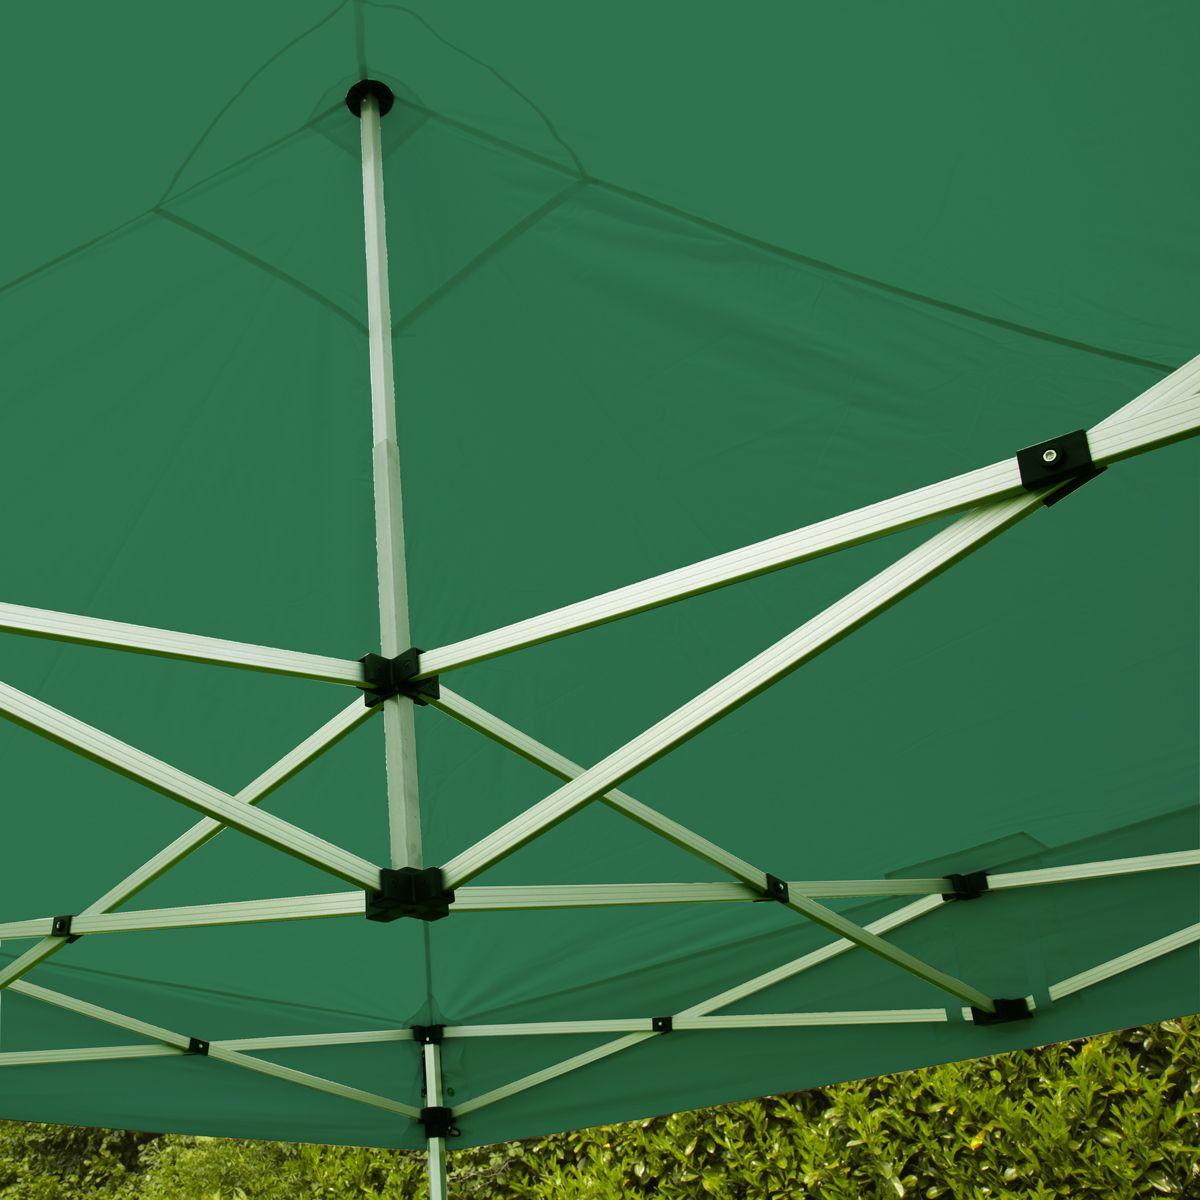 Tente-pliante-alu-3x3m_anthracite_08